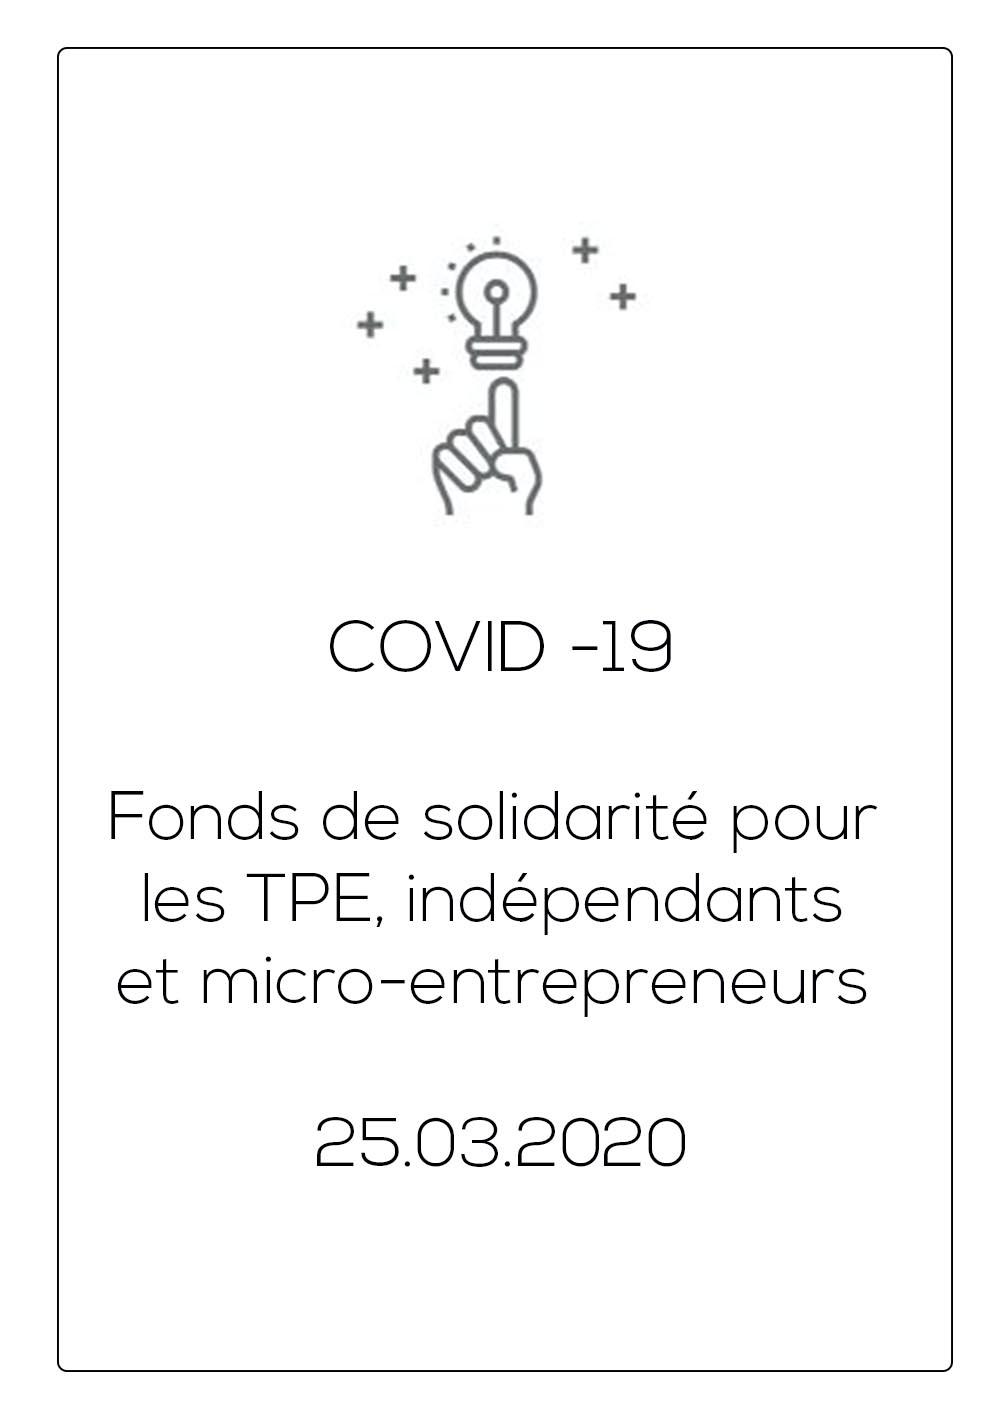 Fonds de solidarité pour les TPE, indépendants et micro-entrepreneurs